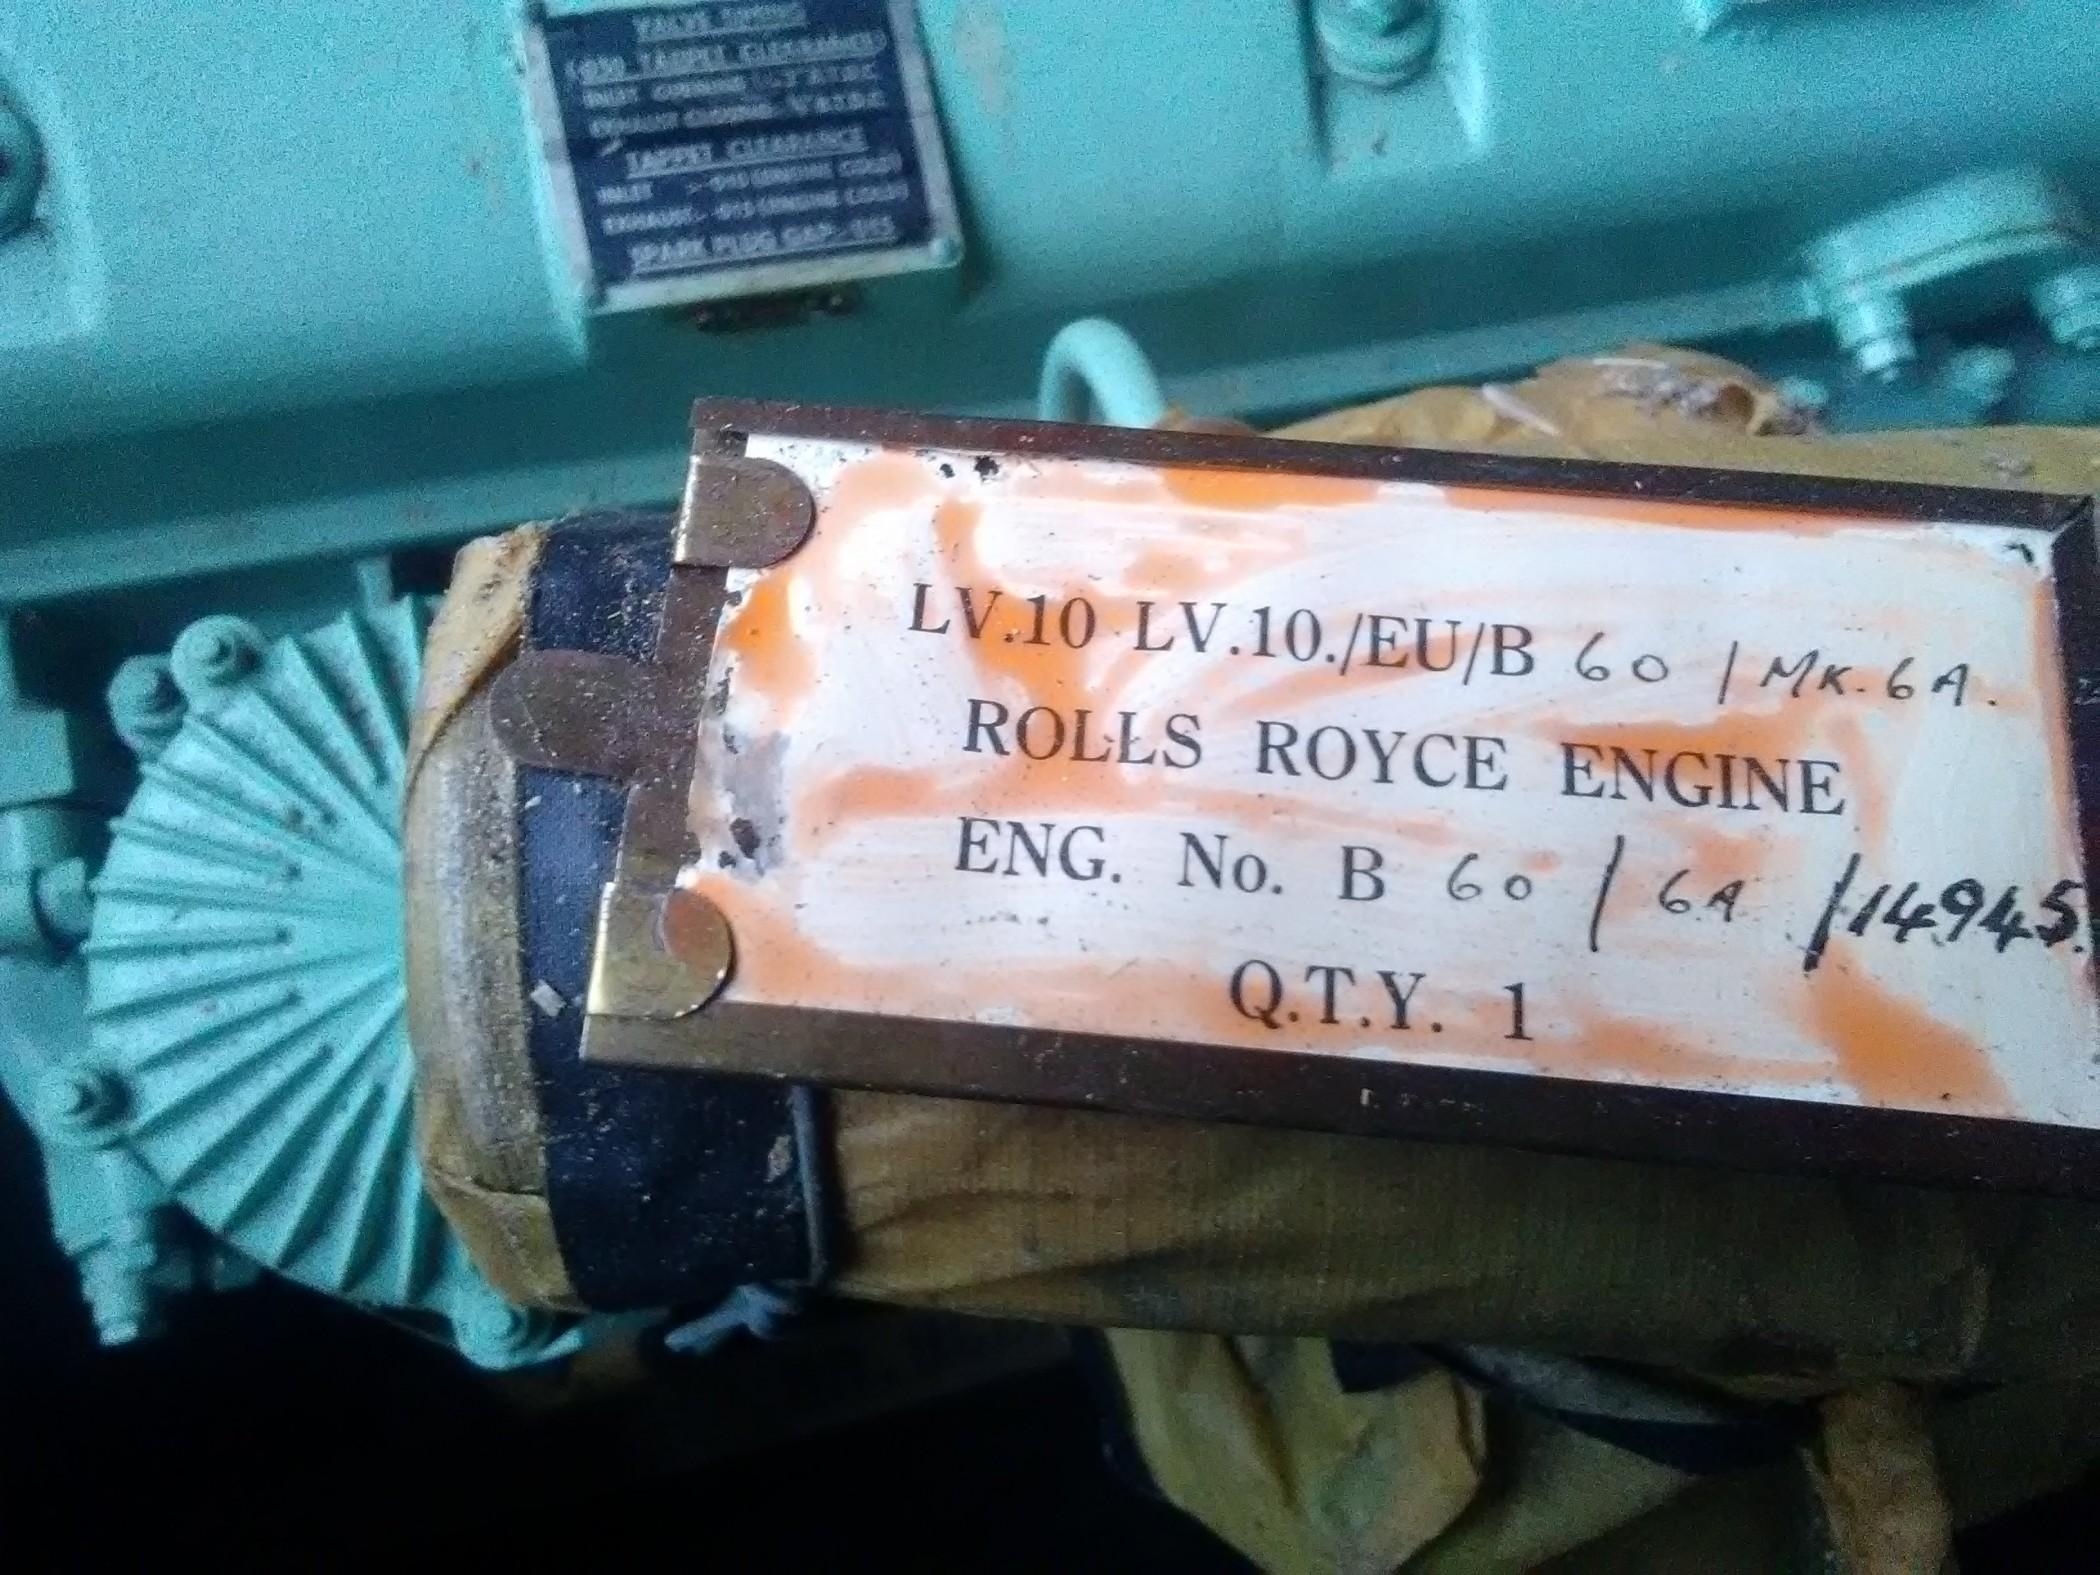 moteur rolls royce lv 10 b60